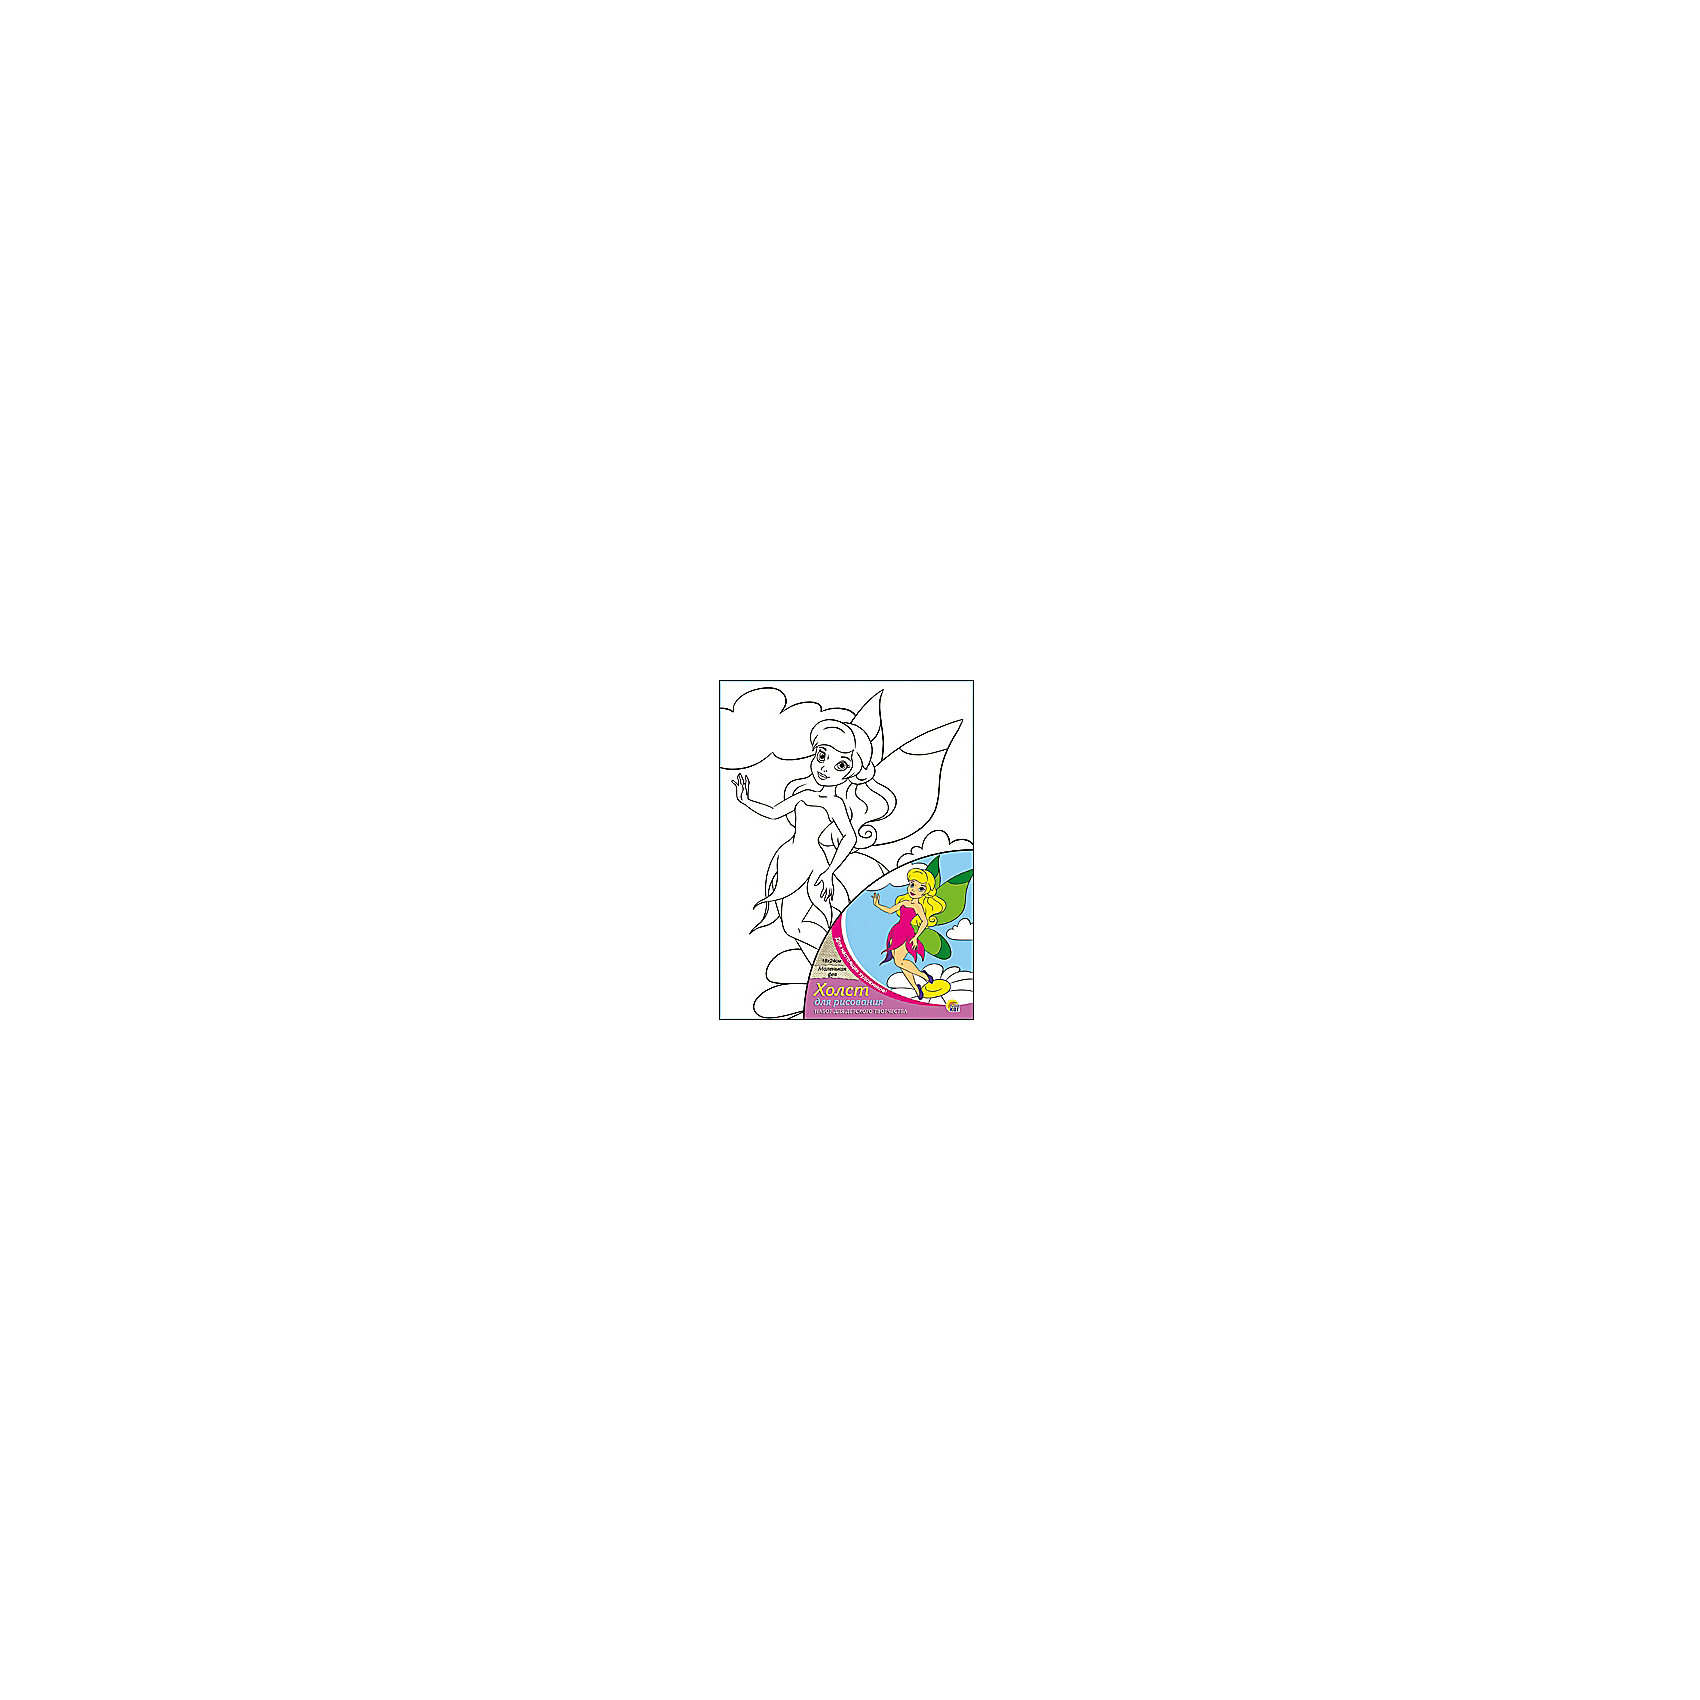 Холст с красками по номерам Маленькая фея, 18х24 смМаленькая фея - набор для детского творчества. Ребенку предстоит раскрасить холст с нанесенным эскизом по номерам. Прекрасно развивает аккуратность, внимание и усидчивость. Такой набор обязательно понравится начинающим художникам!<br><br>Дополнительная информация:<br>В наборе: холст-эскиз, 7 баночек с акриловой краской, кисточка<br>Размер: 18х1,5х24 см<br>Вес: 180 грамм<br>Вы можете приобрести набор Маленькая фея в нашем интернет-магазине.<br><br>Ширина мм: 240<br>Глубина мм: 15<br>Высота мм: 180<br>Вес г: 180<br>Возраст от месяцев: 36<br>Возраст до месяцев: 120<br>Пол: Унисекс<br>Возраст: Детский<br>SKU: 4939516